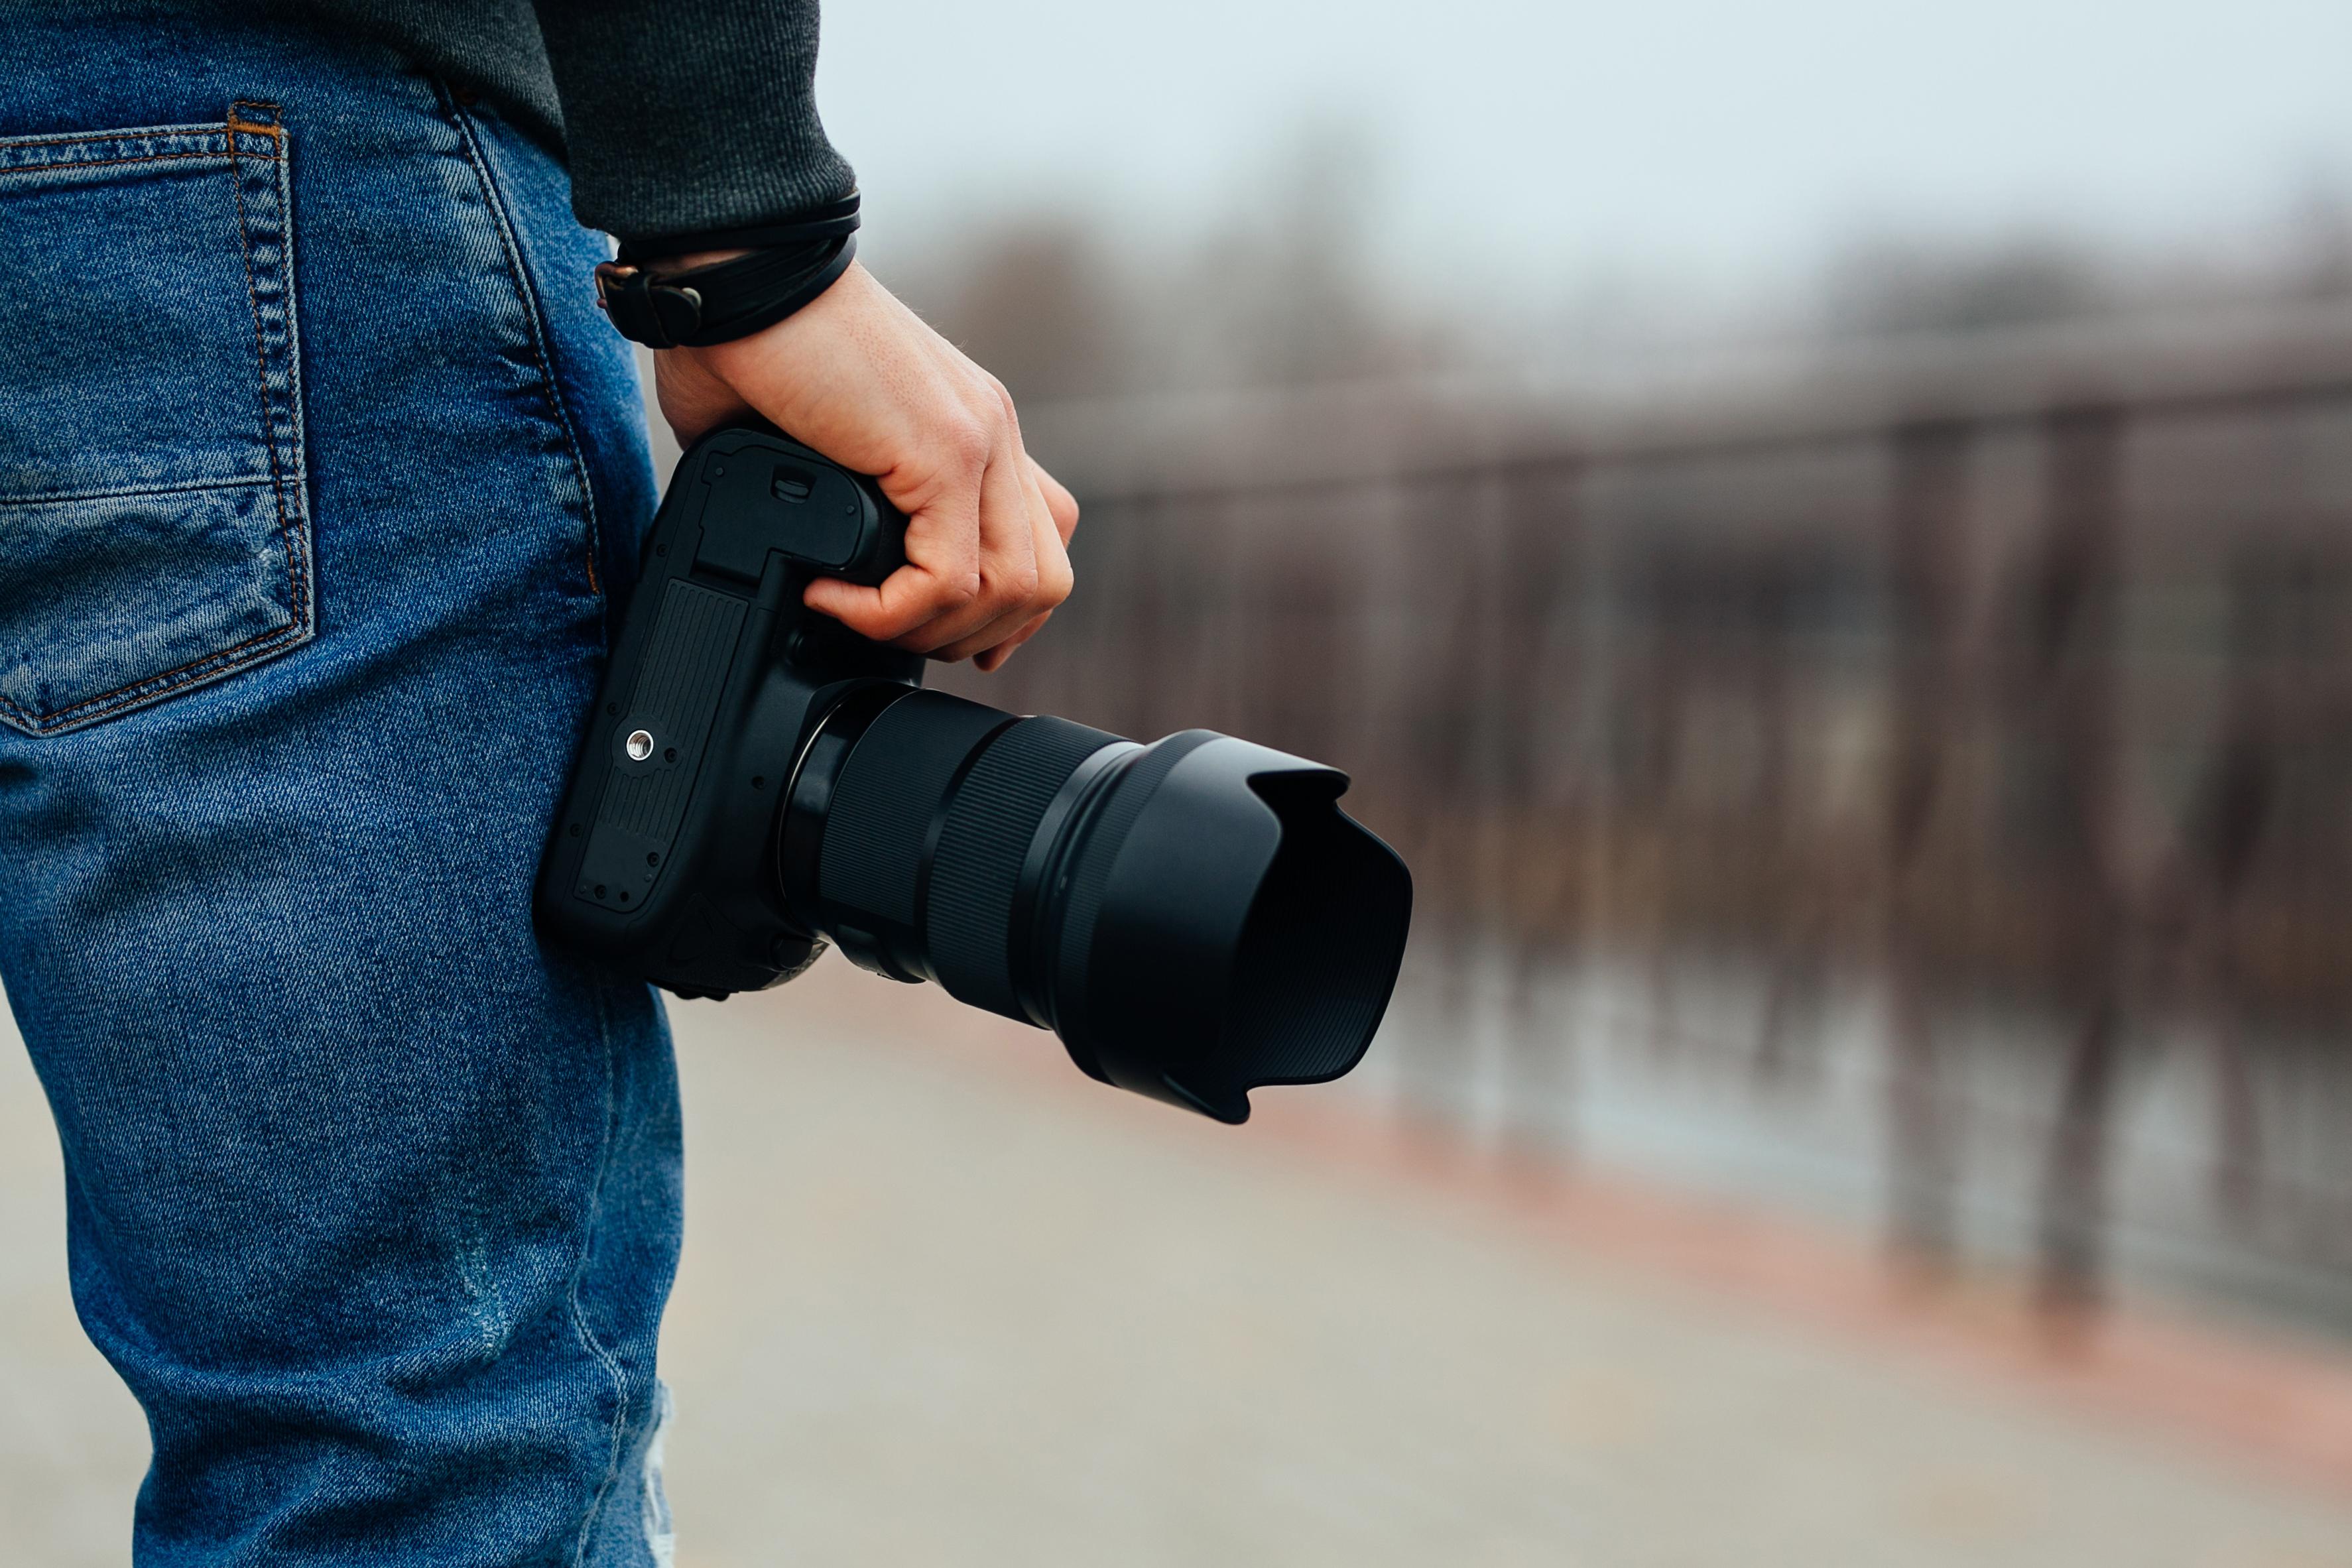 Maitriser son appareil photo numérique